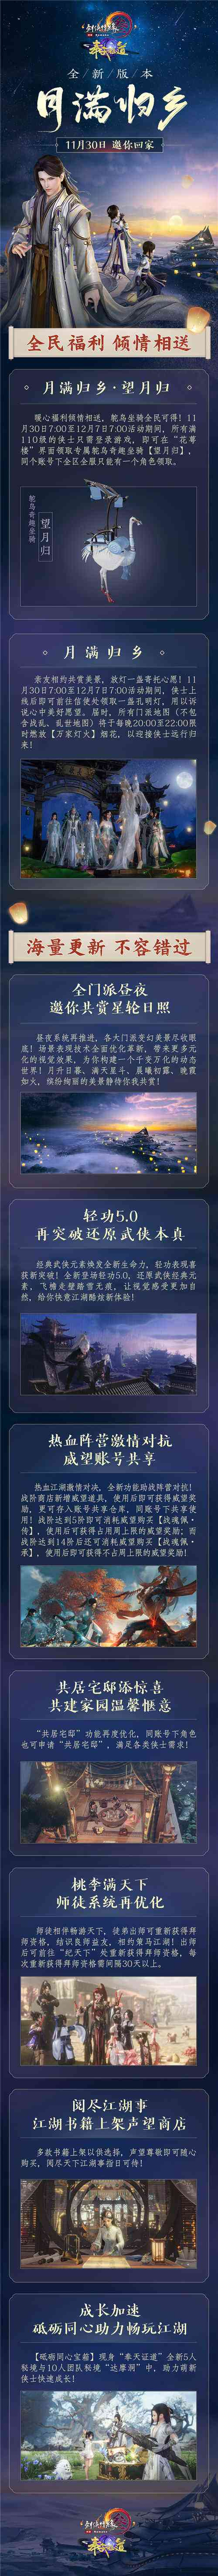 """《剑网3》""""月满归乡""""今日上线 飞檐走壁震撼登场"""